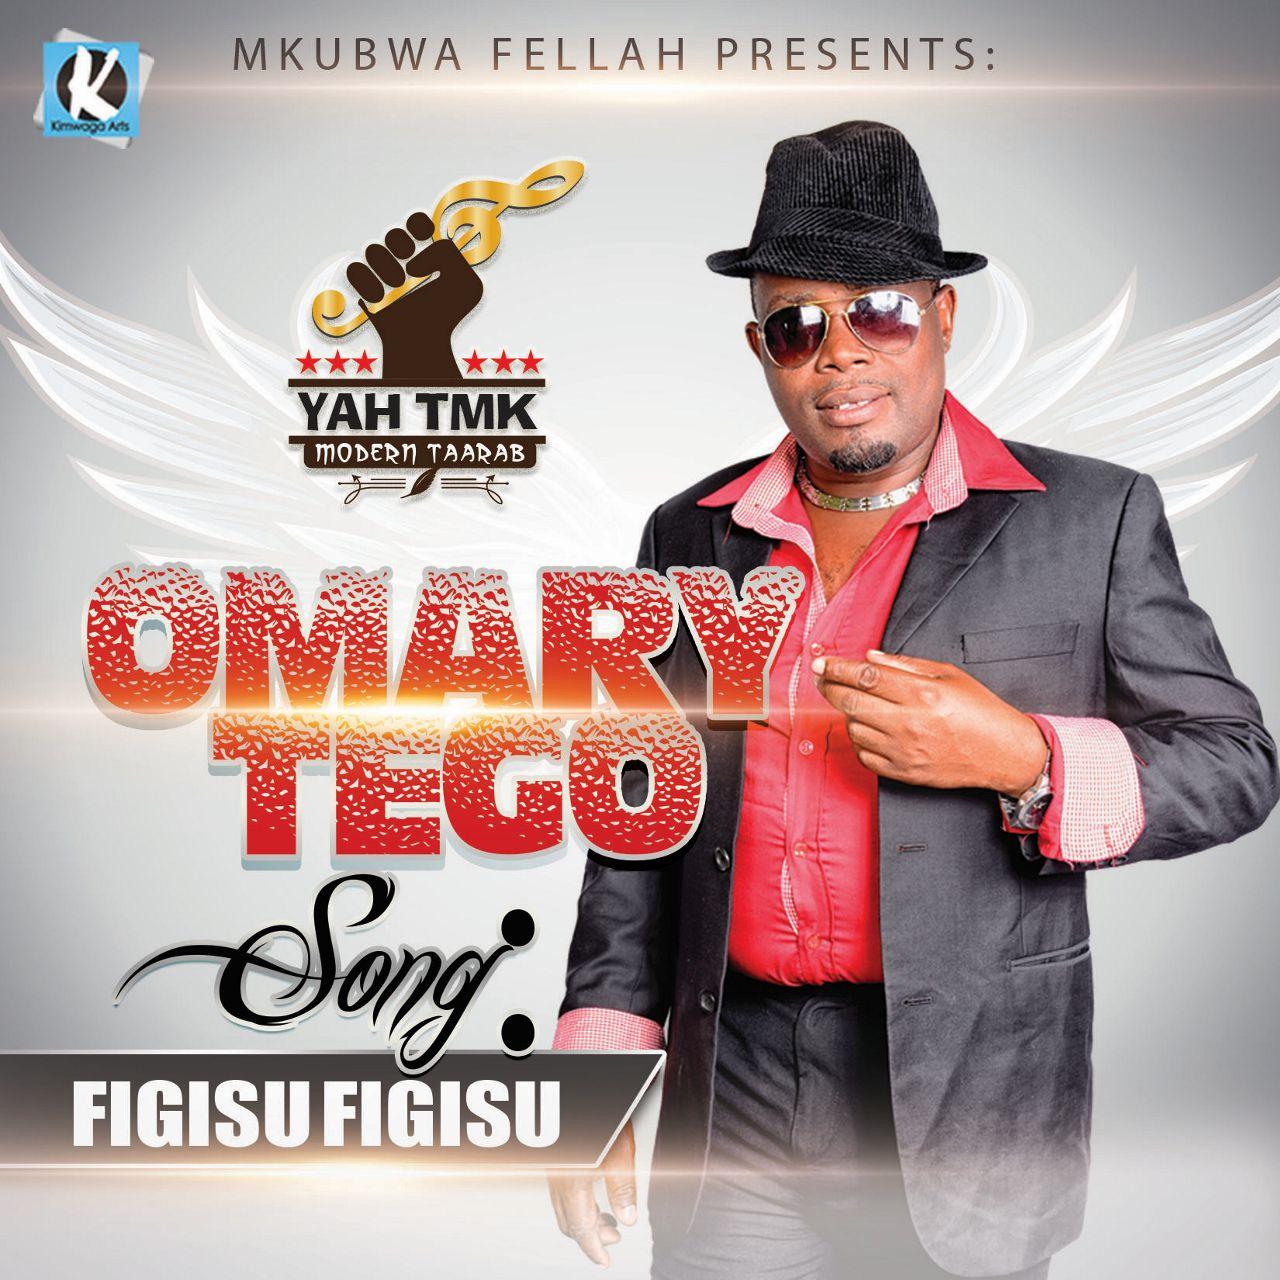 Download Audio Mpya: Omary Tego - Figisufigisu...TAARABU ZETU